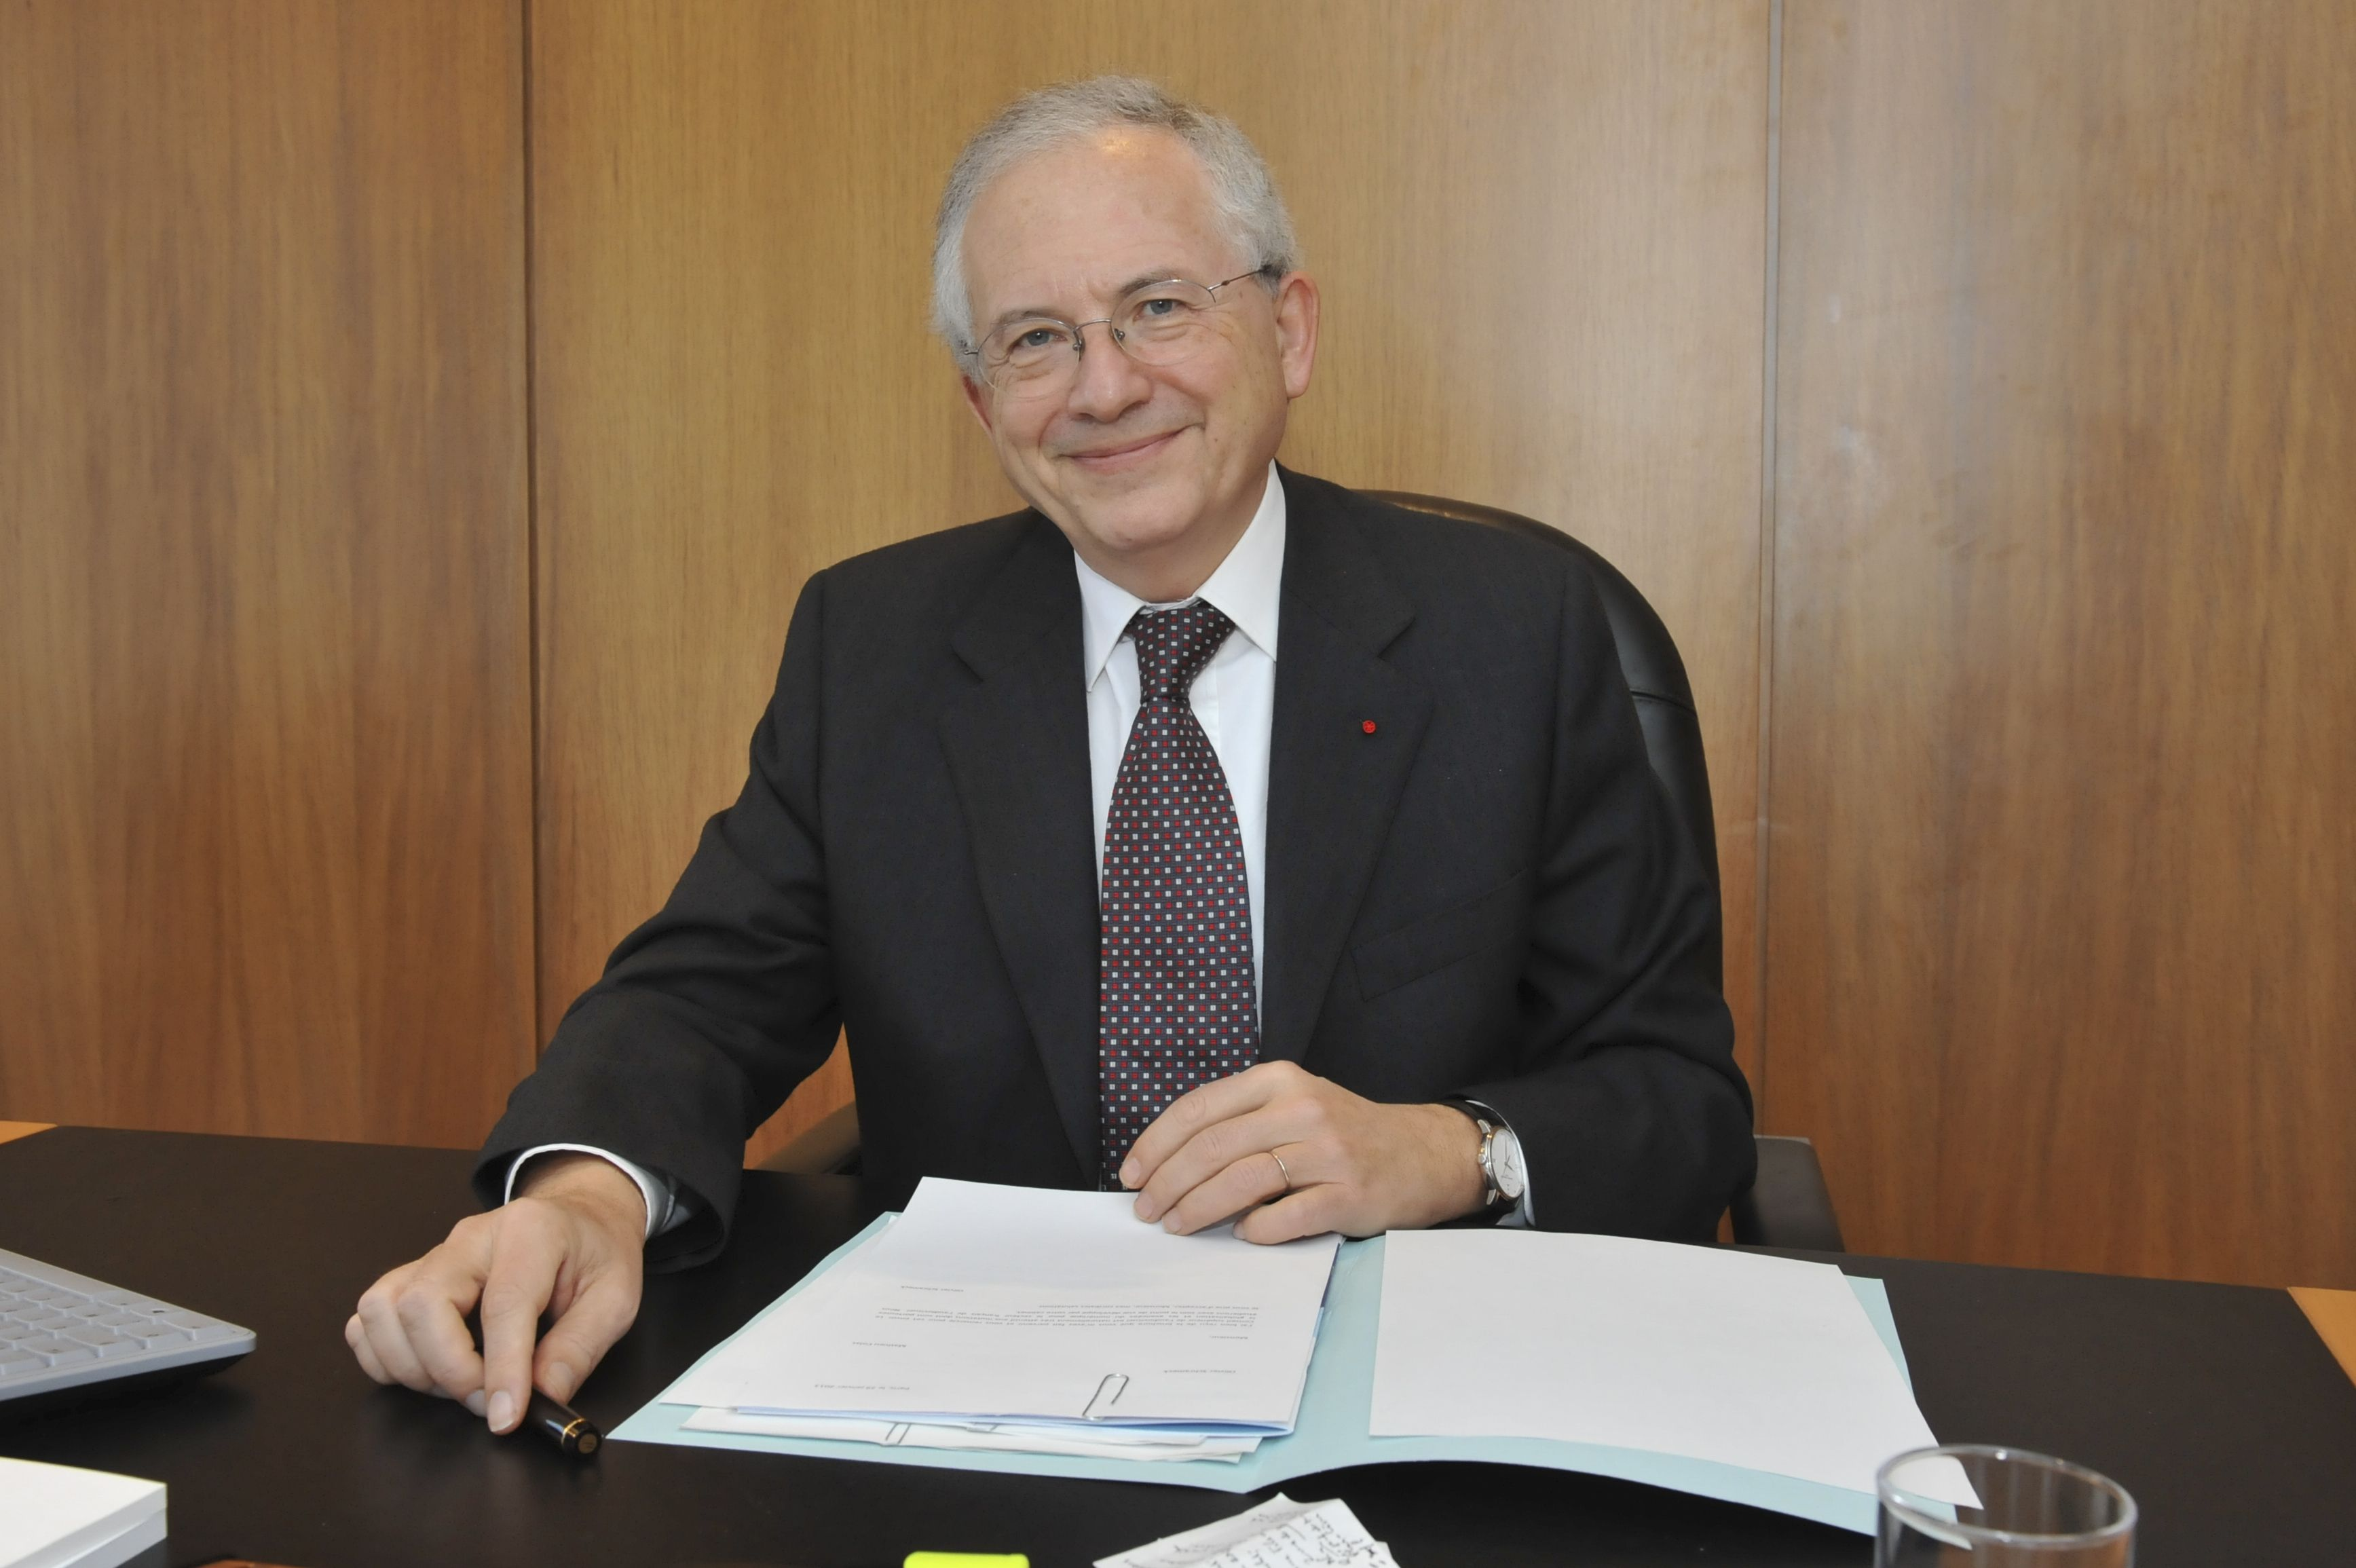 Olivier Schrameck a quitté la présidence de l'ERGA © Fabien de Chavannes